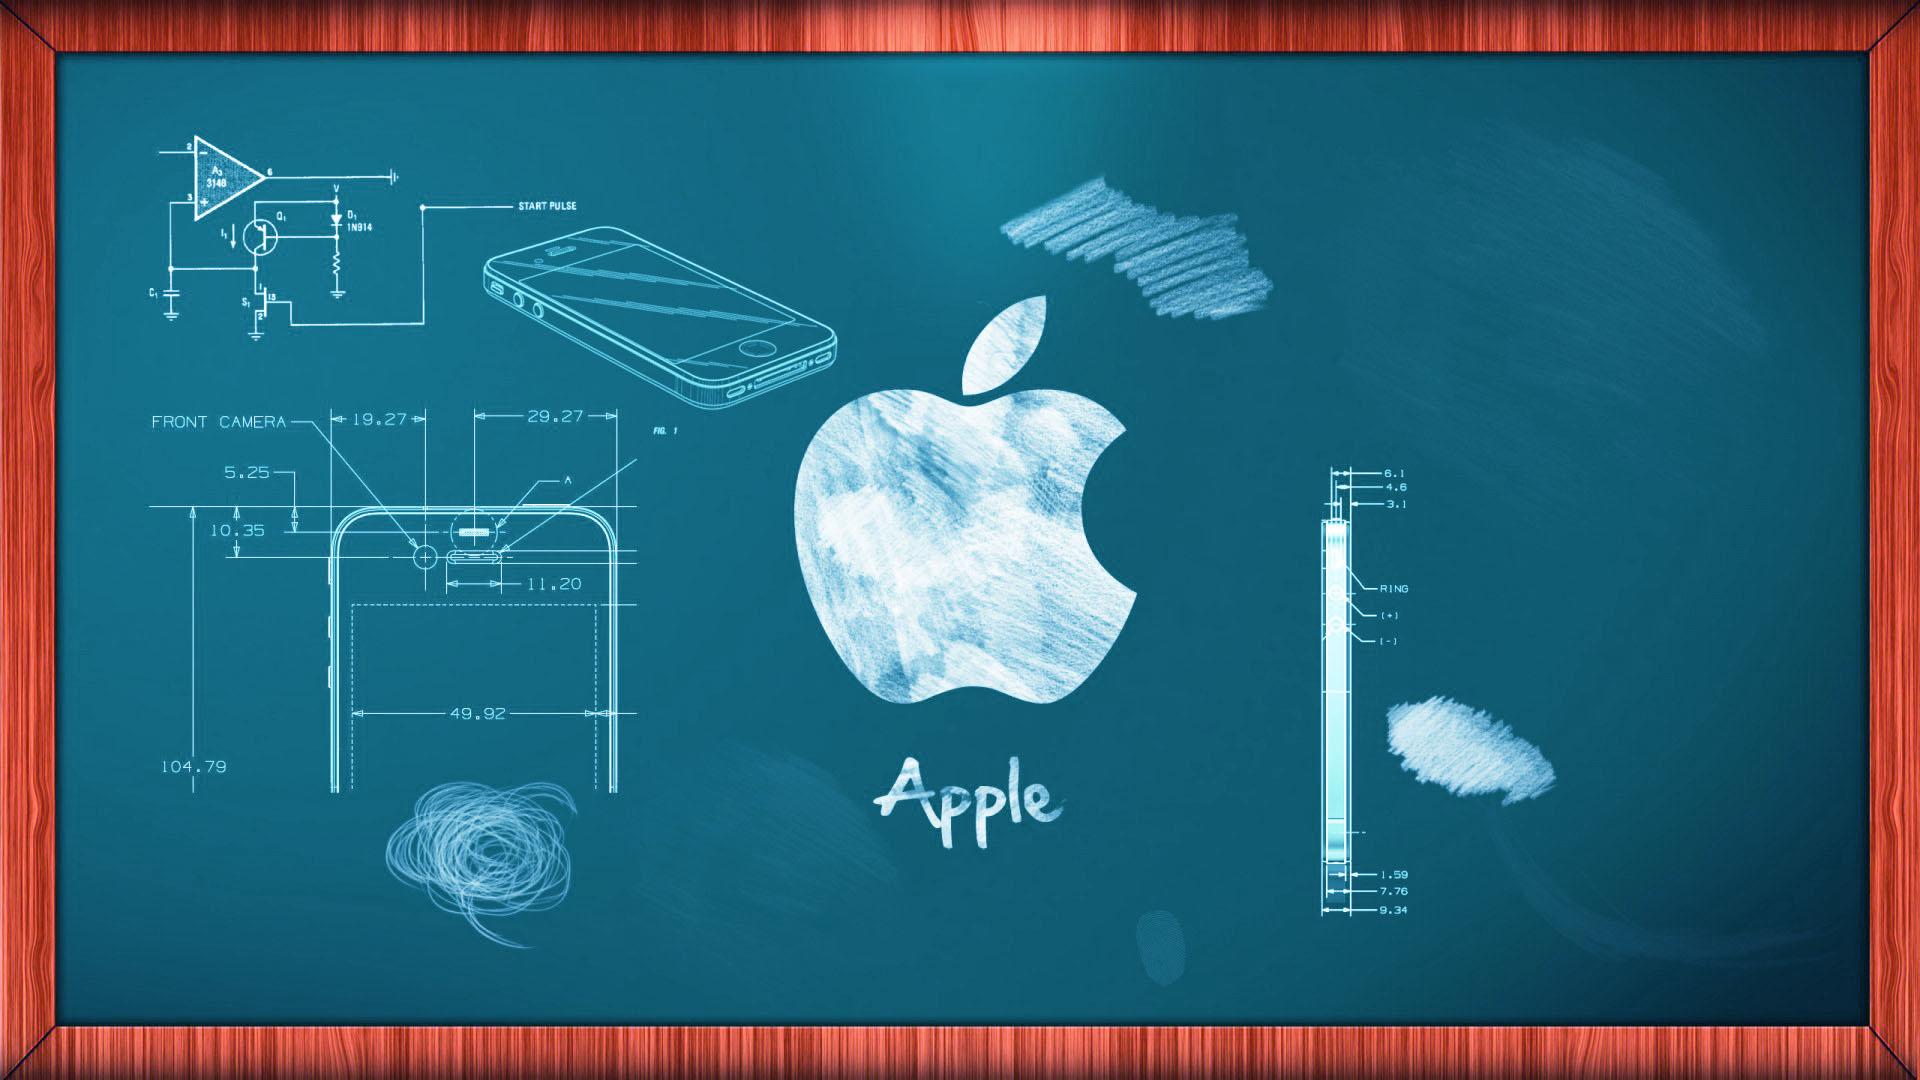 Macbook Pro HD Wallpapers